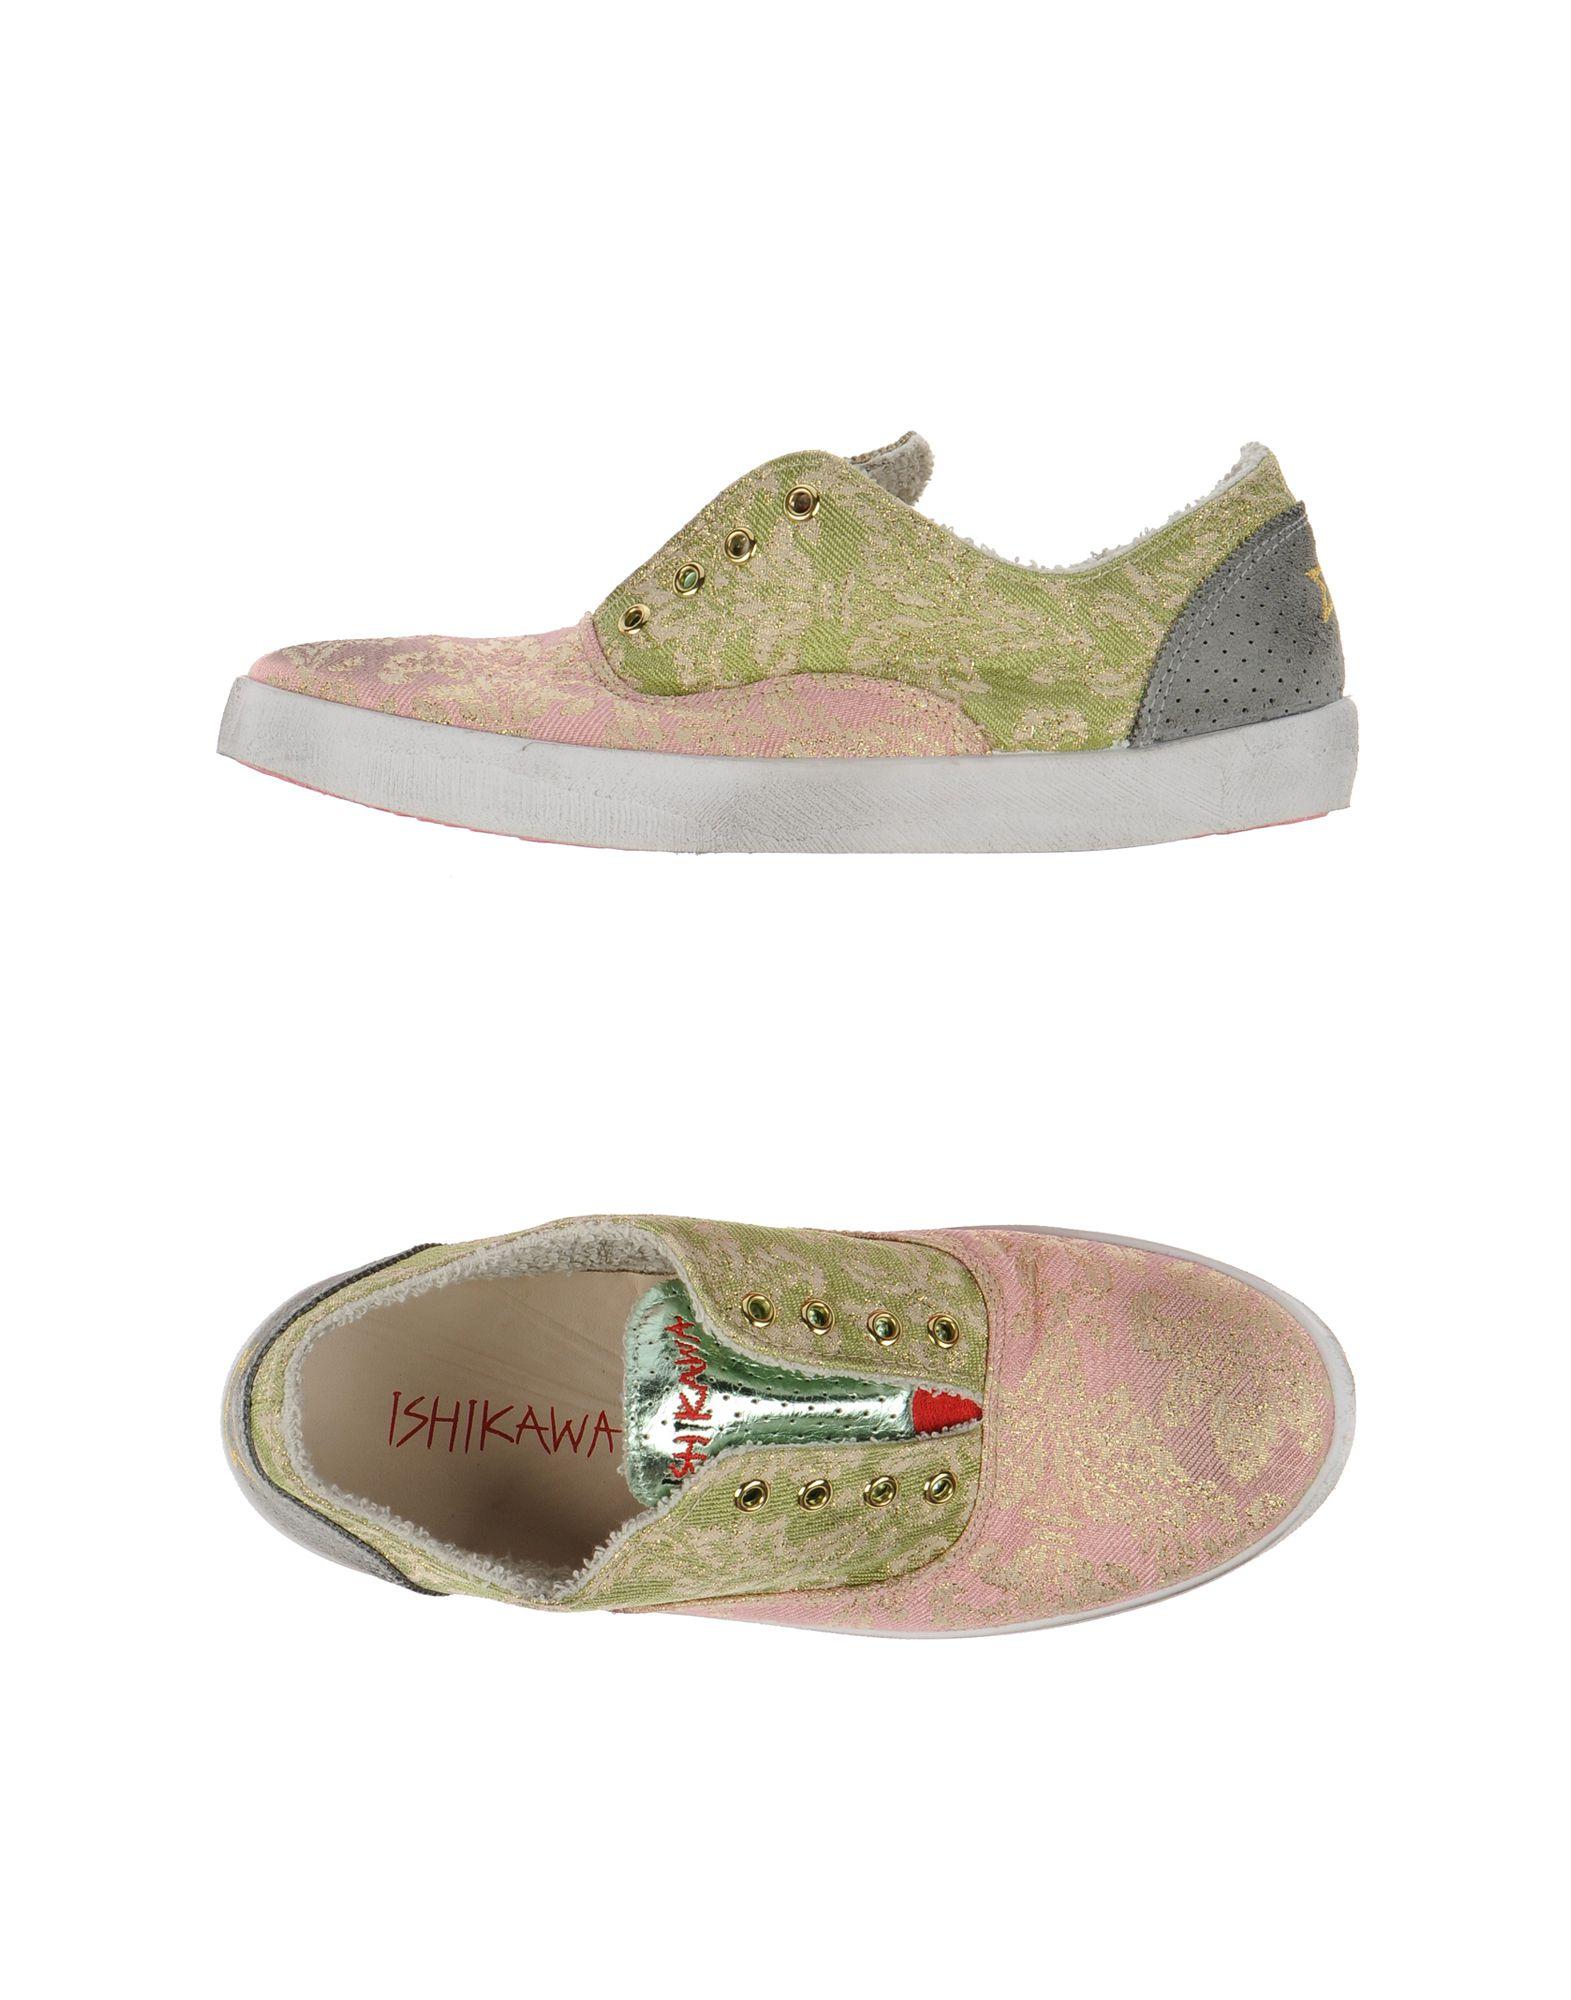 Ishikawa Sneakers Damen  beliebte 44927445QH Gute Qualität beliebte  Schuhe 74ab62